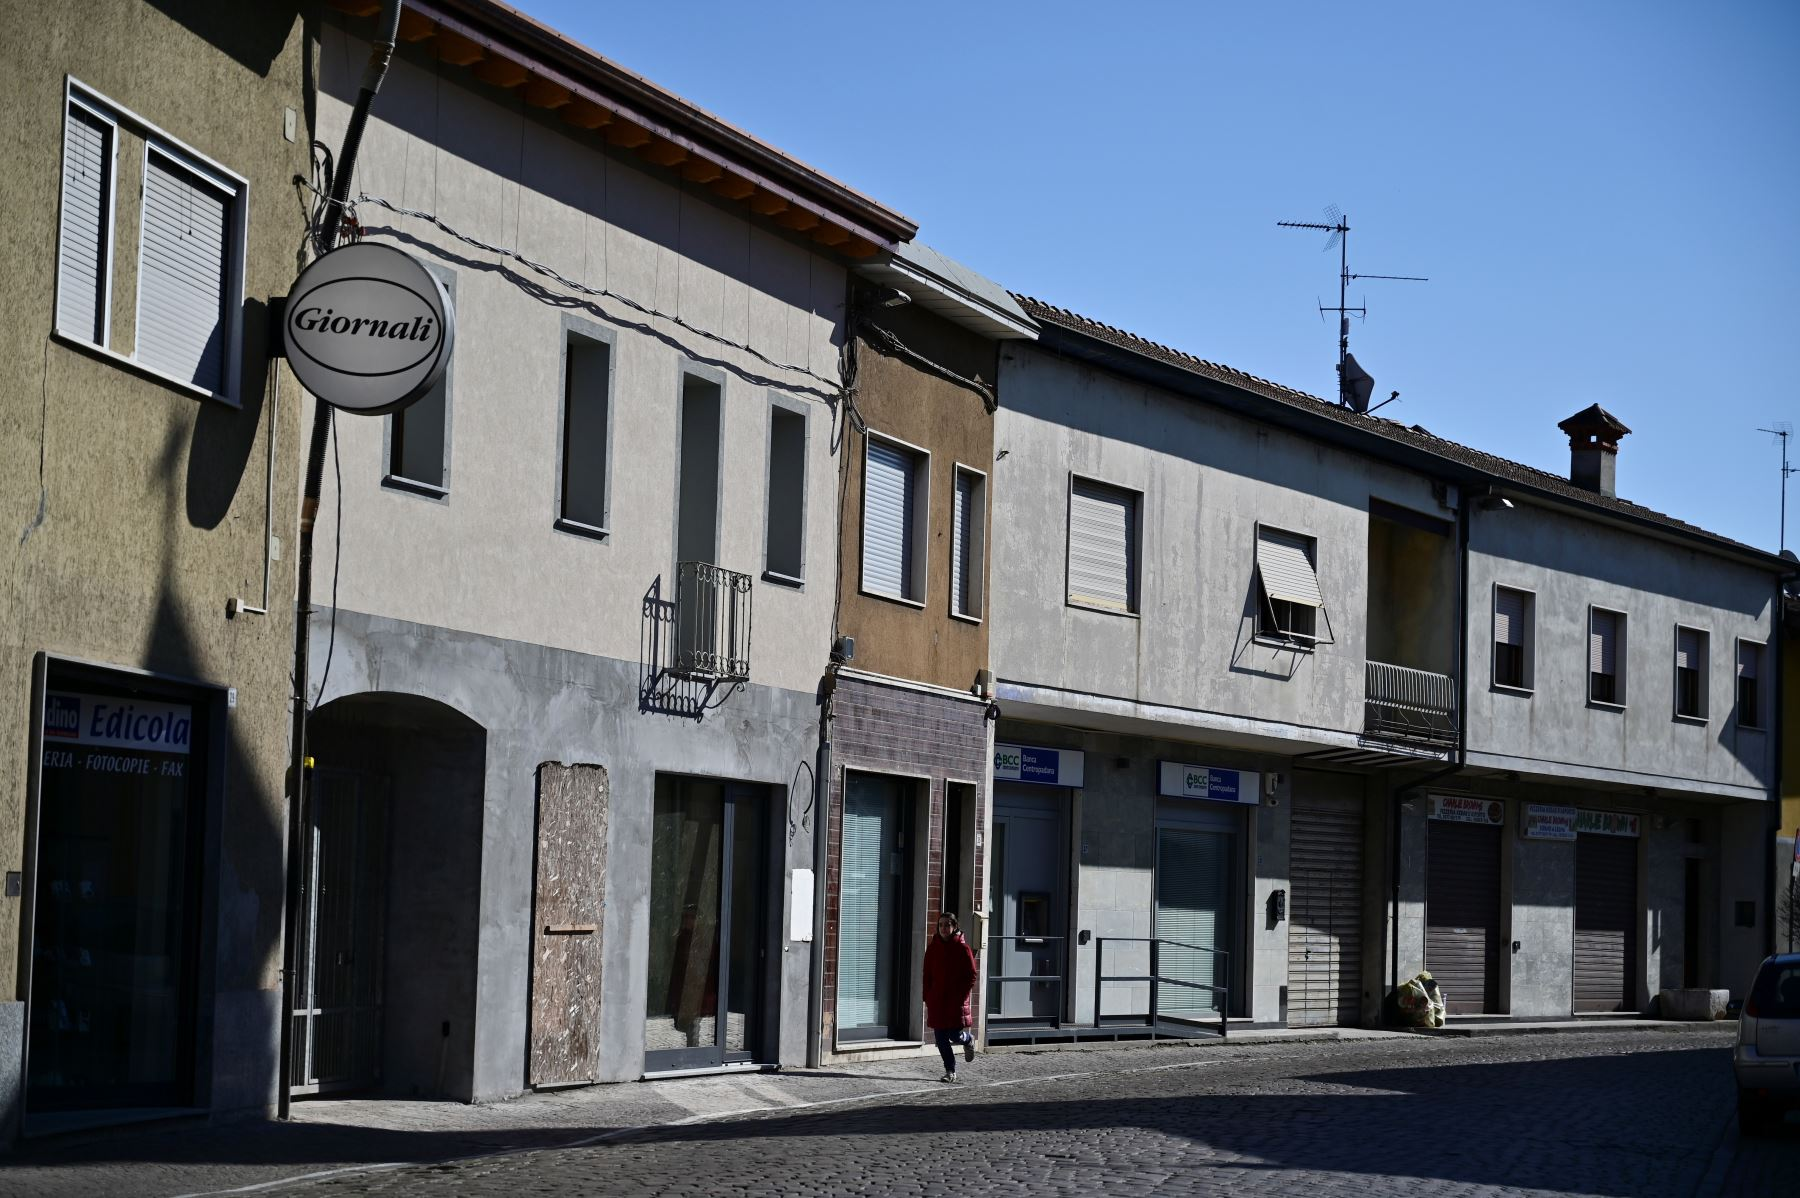 Una mujer pasa por las tiendas cerradas a lo largo de la calle principal de Secugnano, el pueblo más cercano a Zorlesco, al sureste de Milán,que se encuentra en la zona roja del COVID-19, el nuevo brote de coronavirus en el norte de Italia. AFP